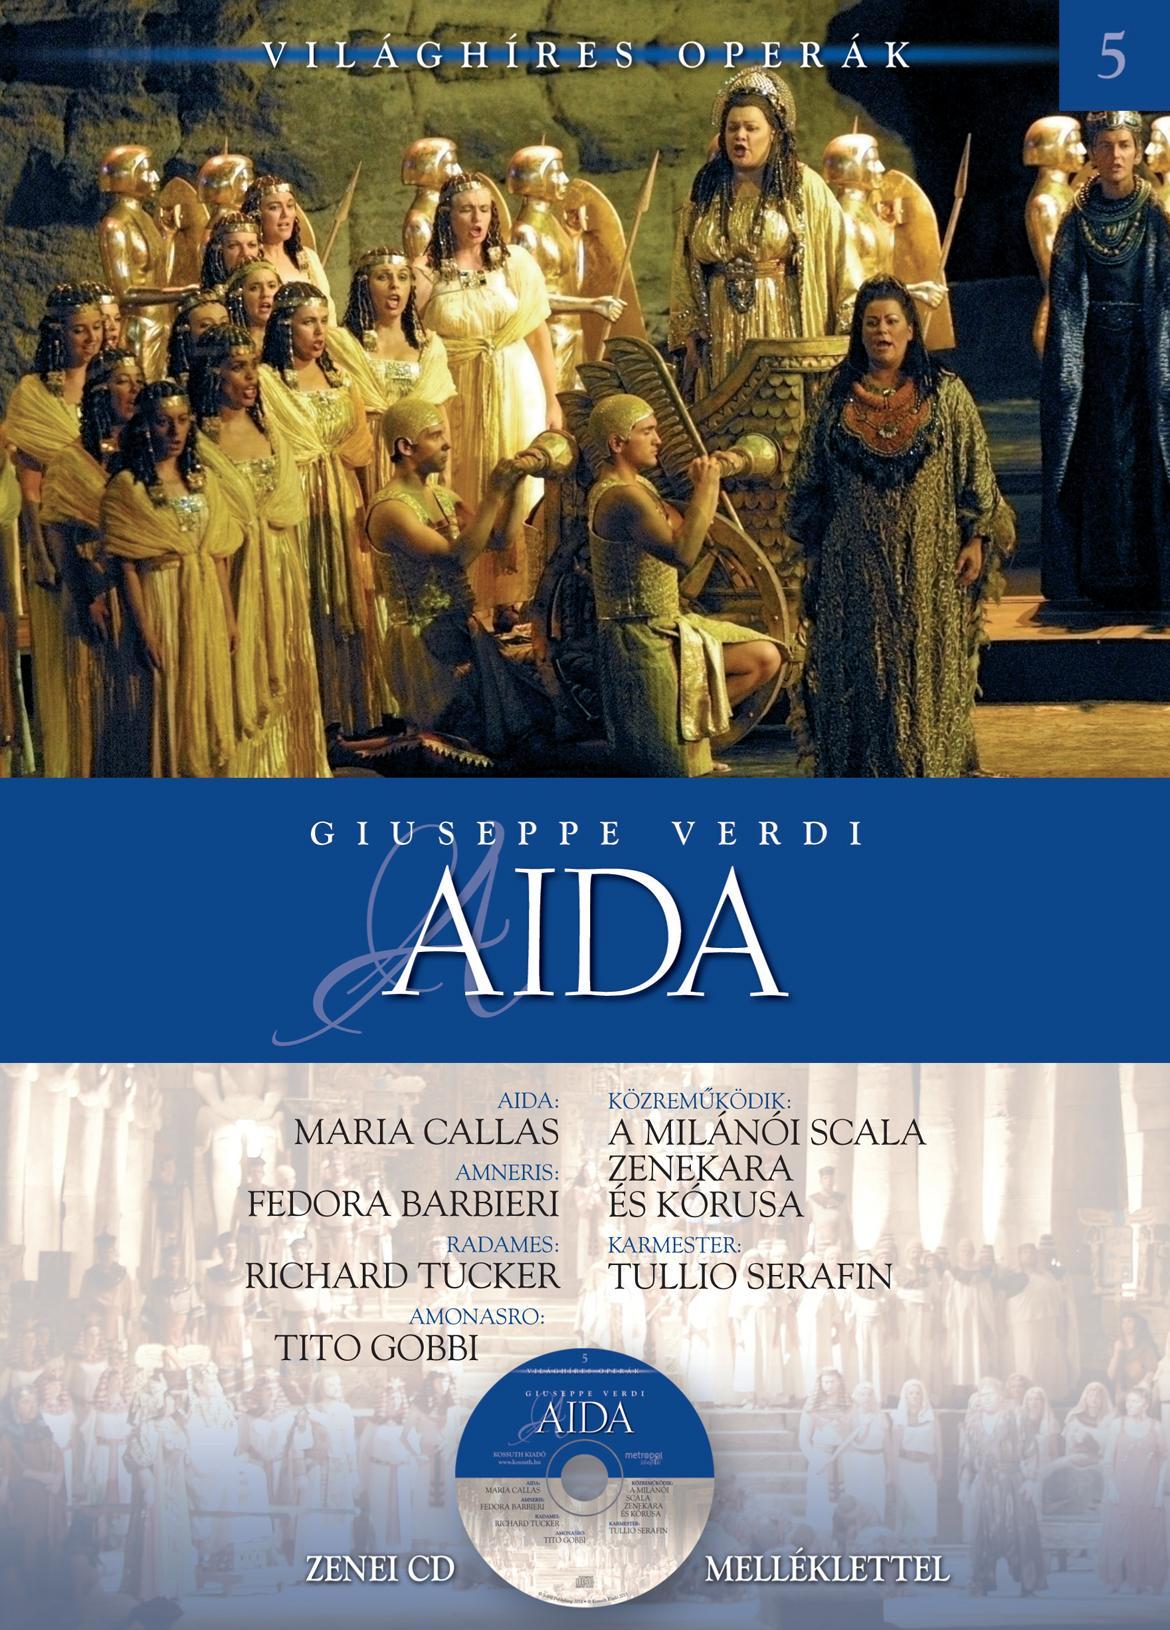 AIDA - VILÁGHÍRES OPERÁK - CD-VEL